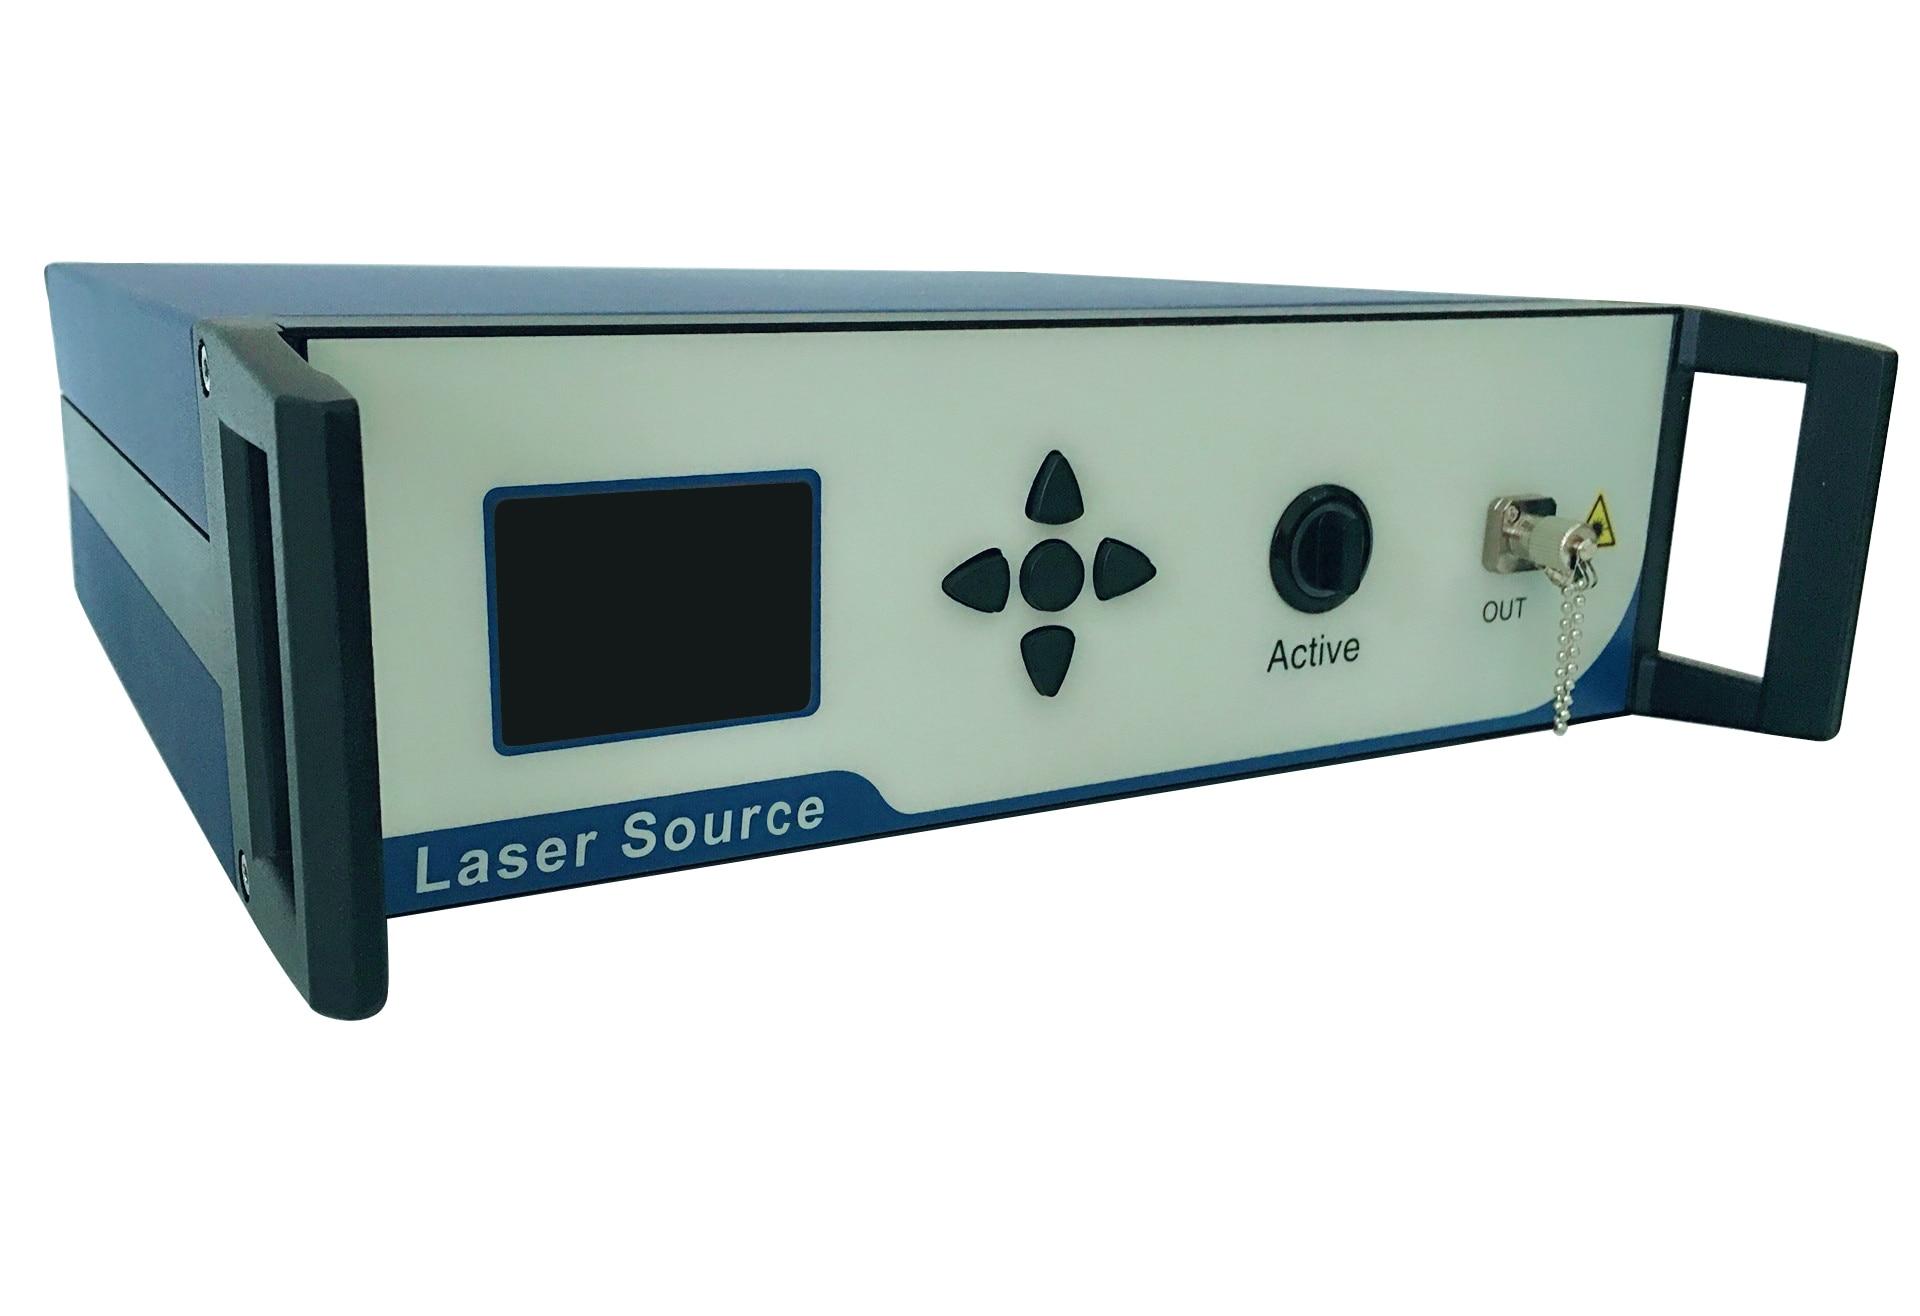 Single Frequency Laser, Ultra Narrow Linewidth, 3KHz Module, Desktop 50mW 1W